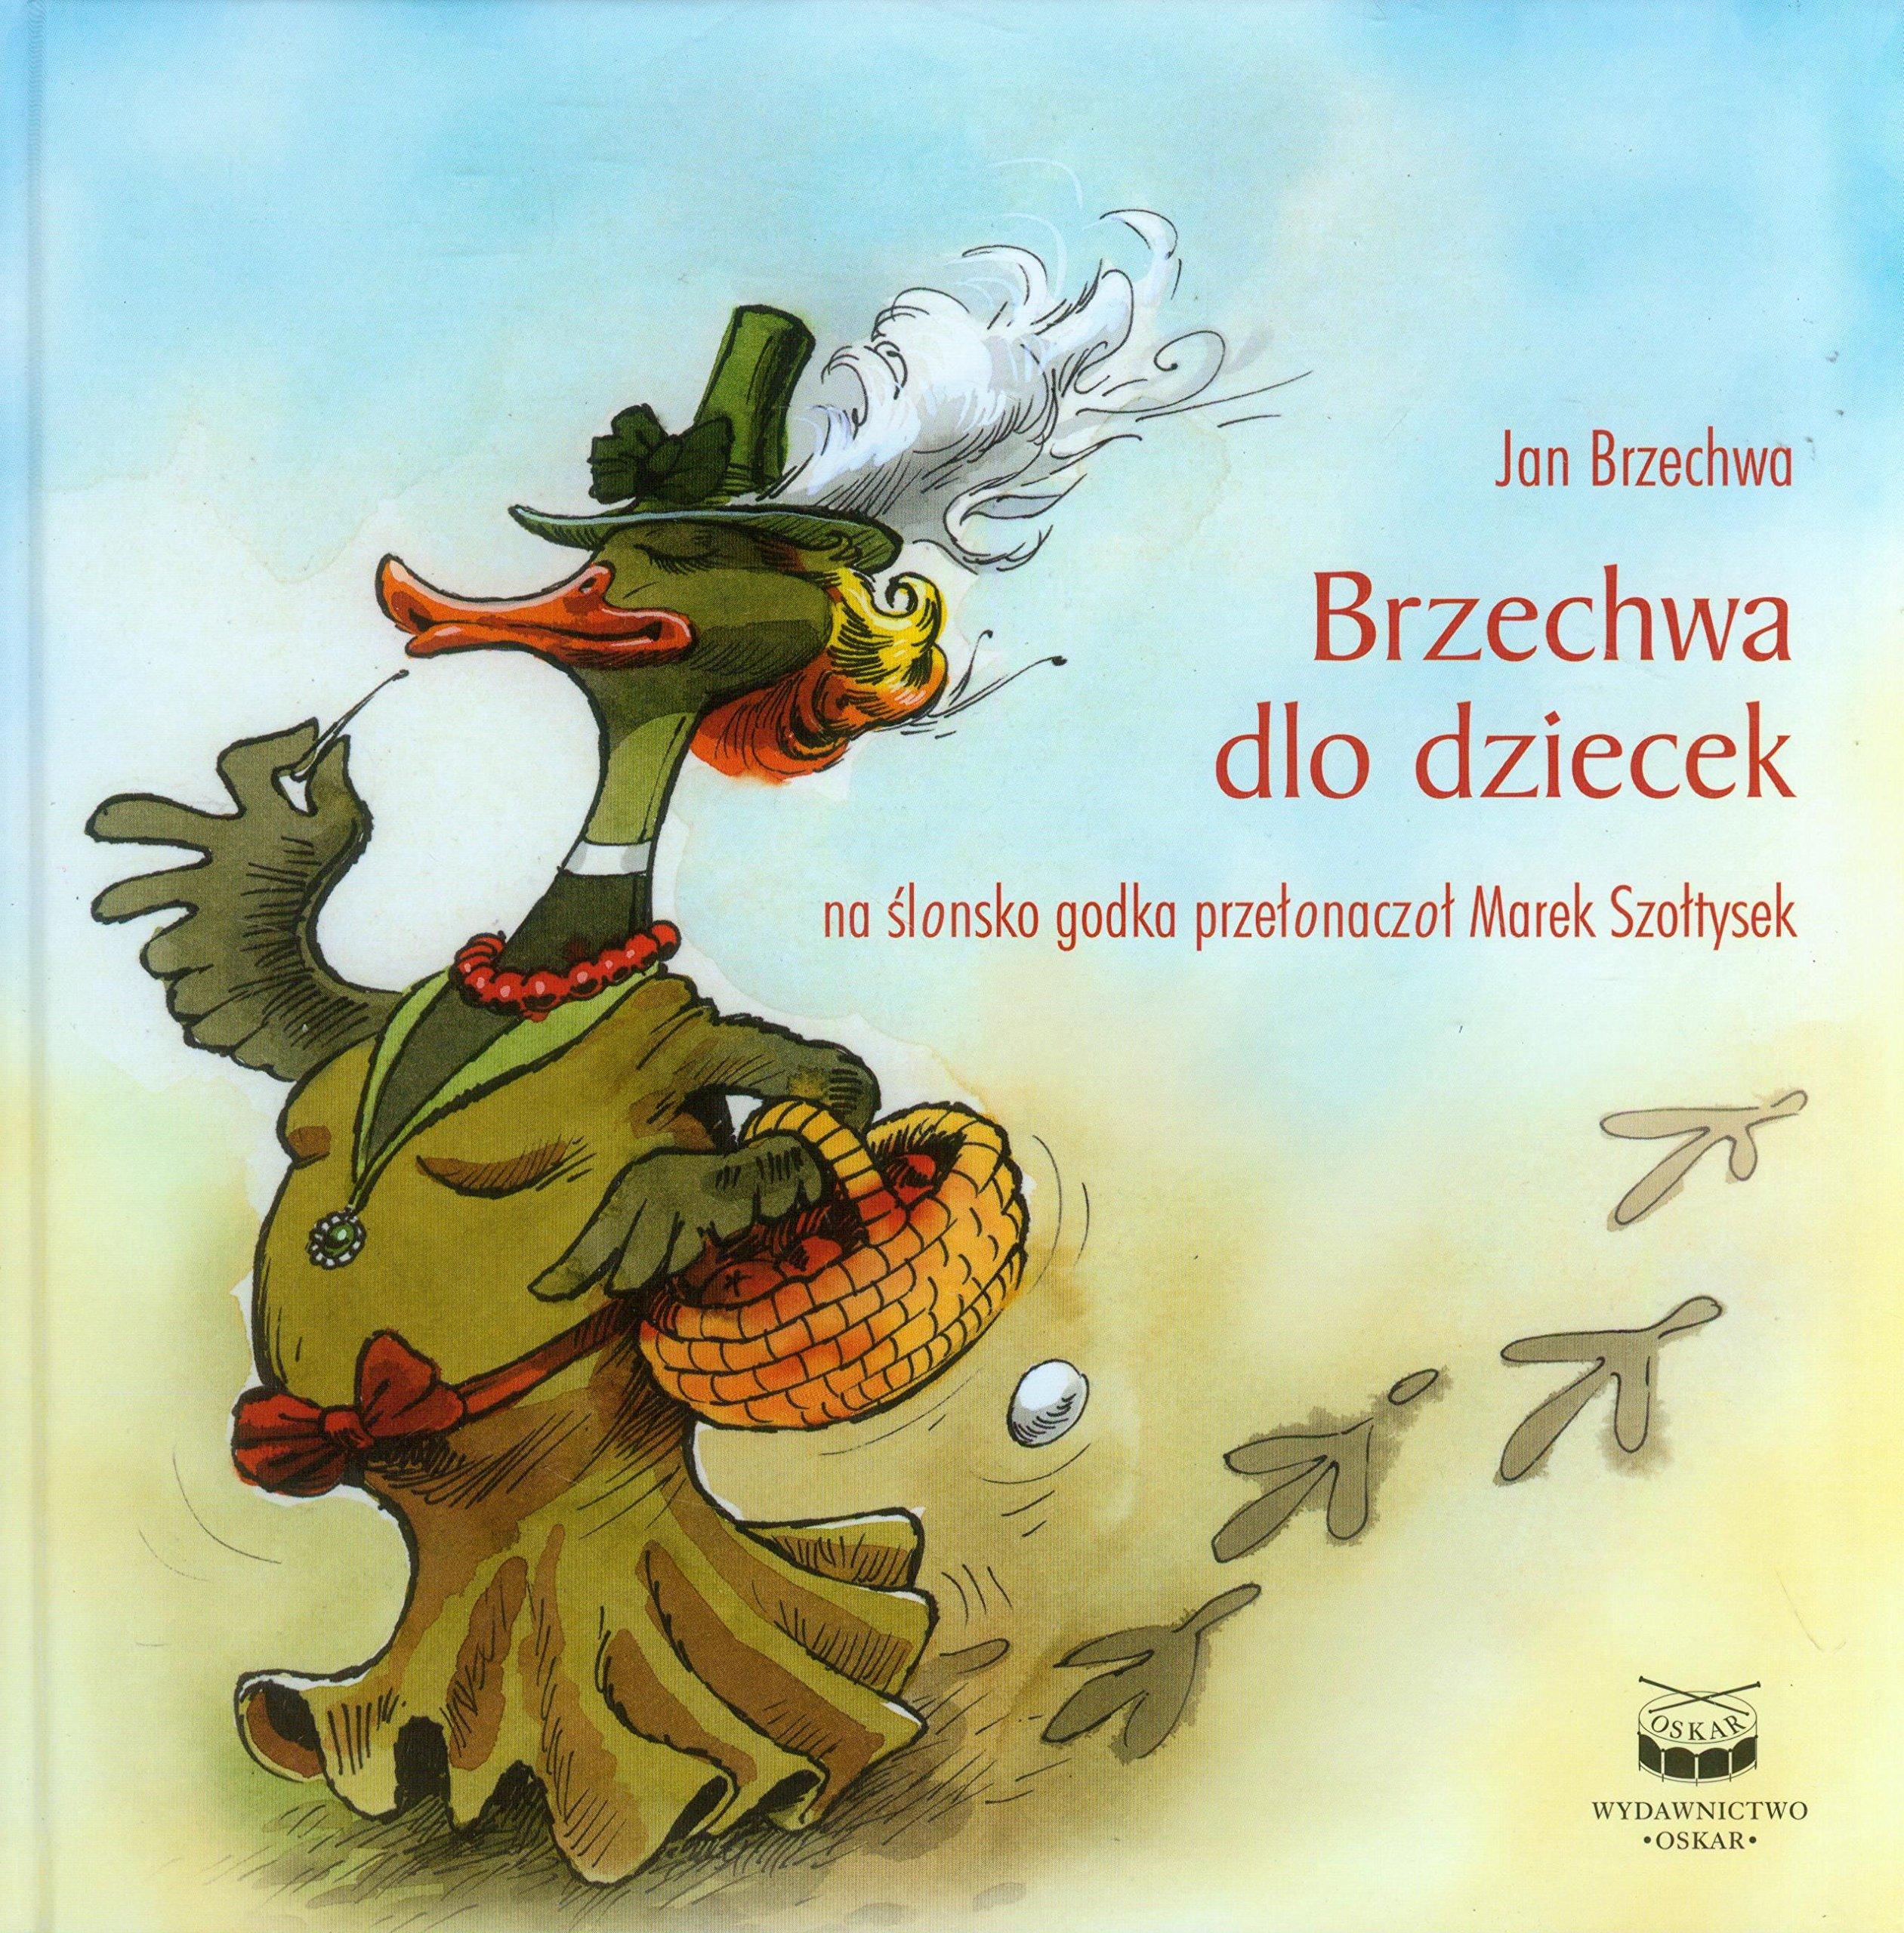 Brzechwa Dlo Dziecek Amazones Jan Brzechwa Libros En